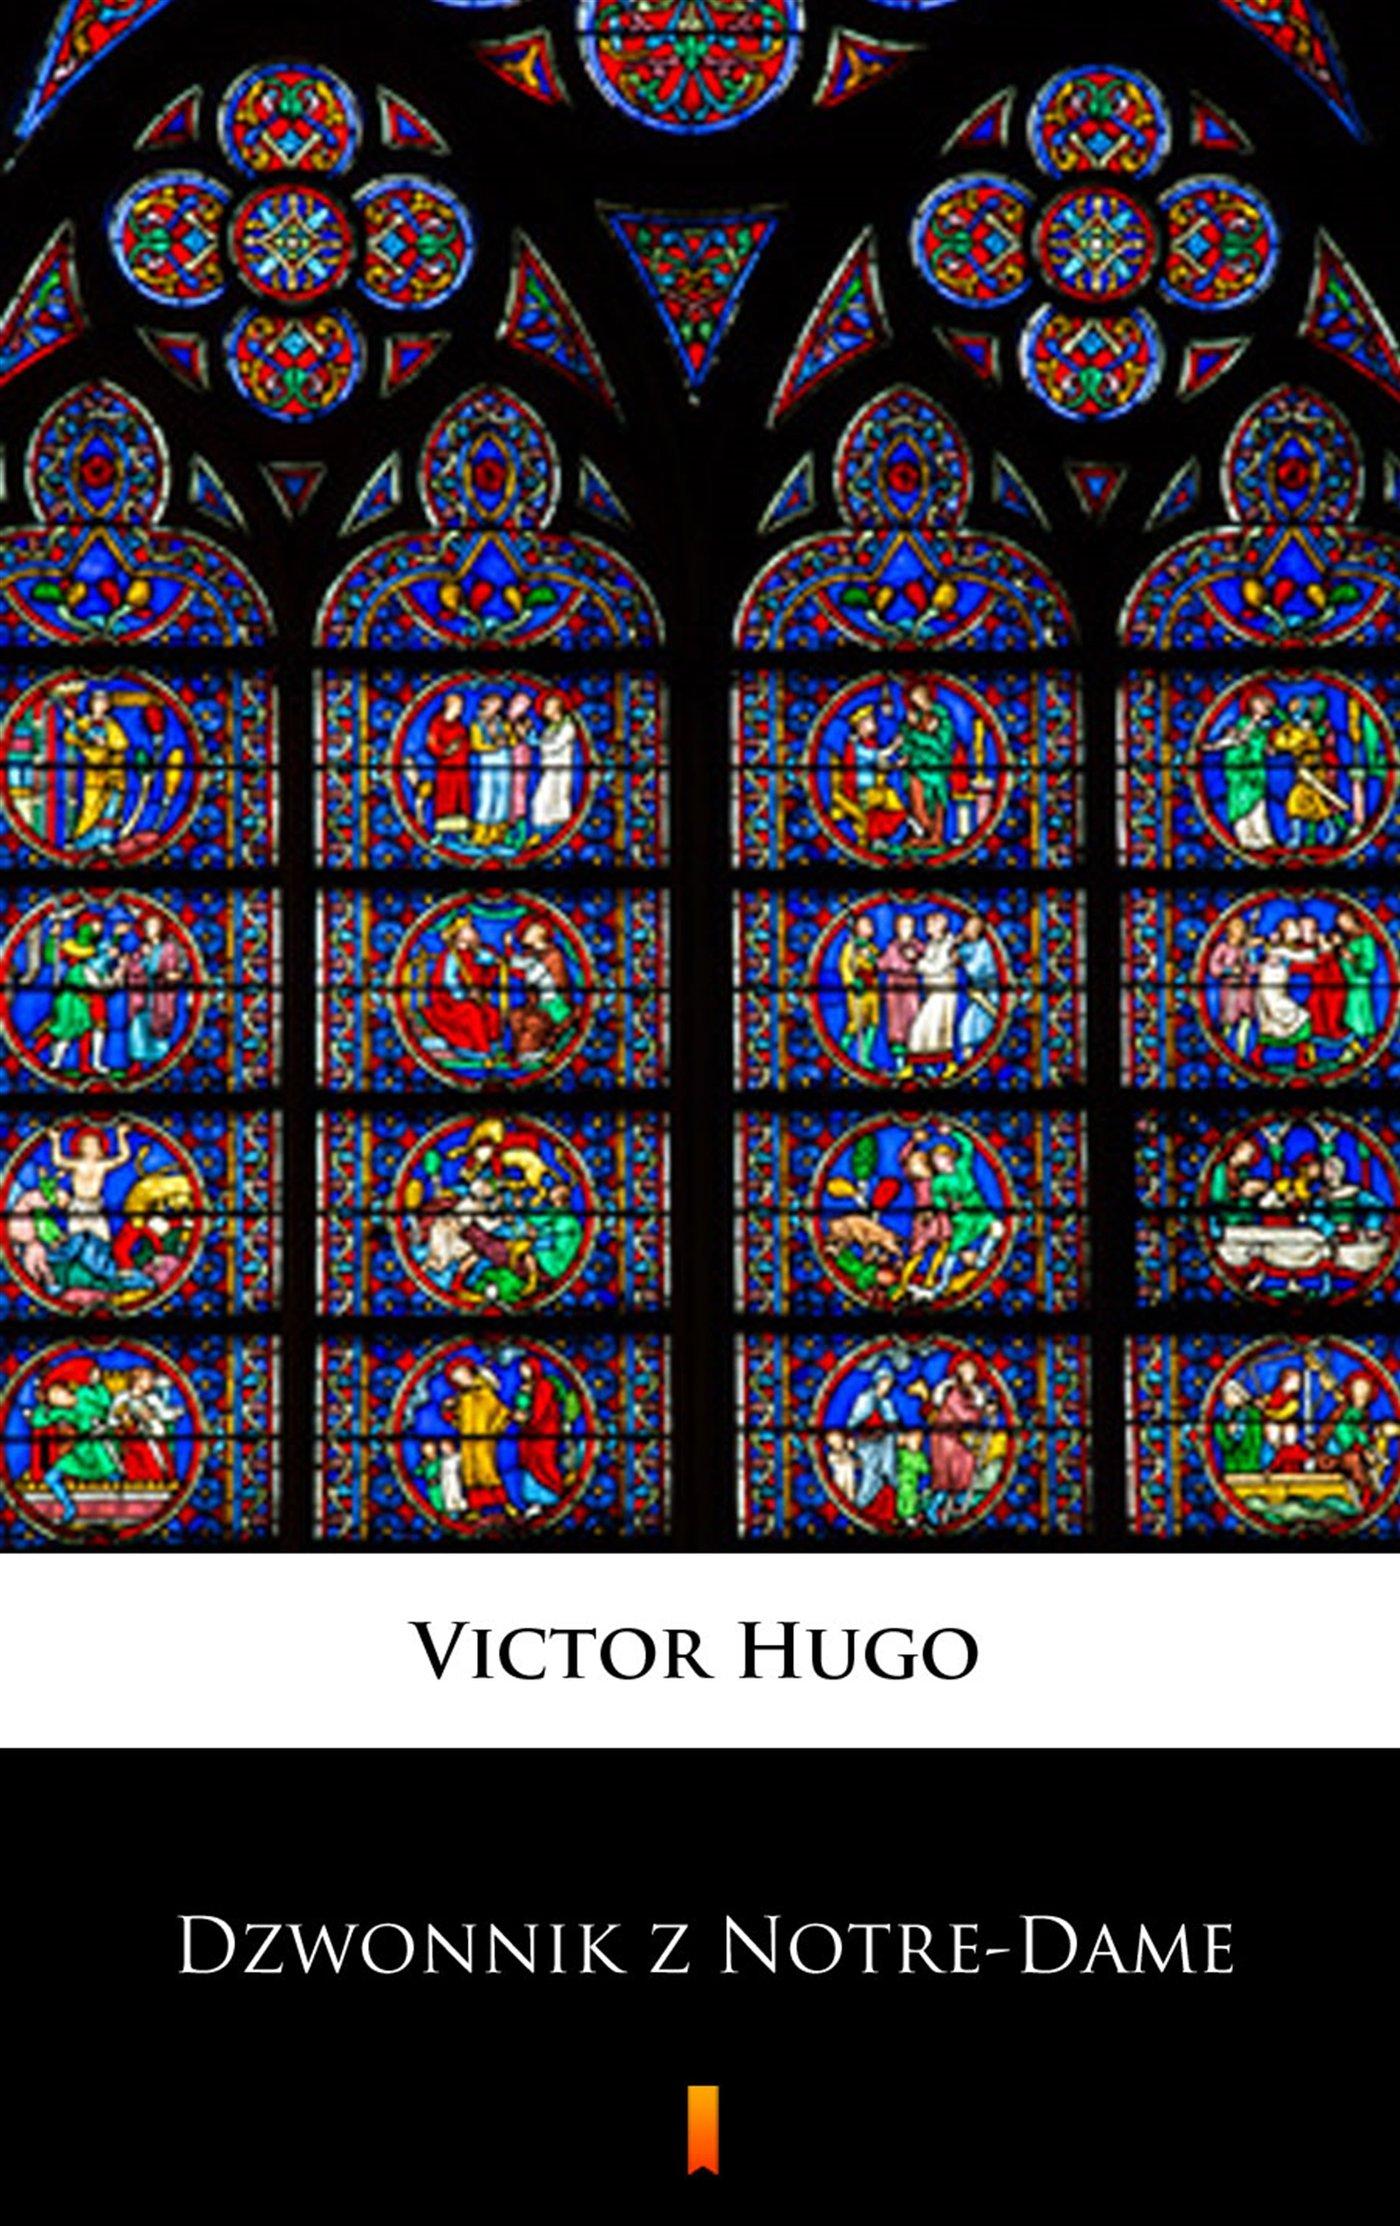 Dzwonnik z Notre-Dame - Ebook (Książka na Kindle) do pobrania w formacie MOBI